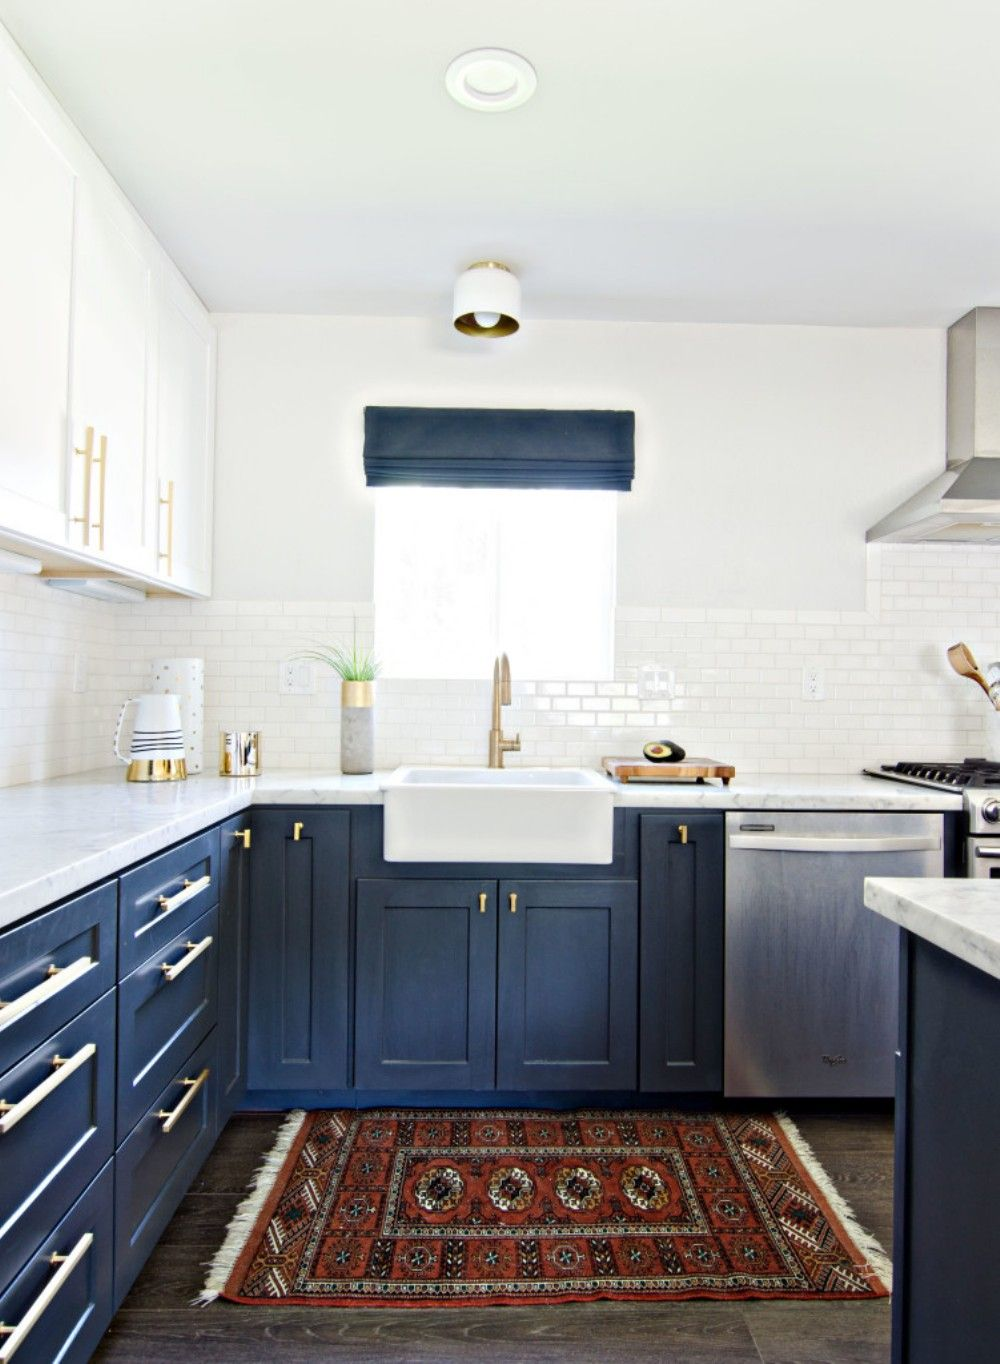 Gemütlich Küchendesign Mit Doppelwand öfen Zeitgenössisch - Küche ...